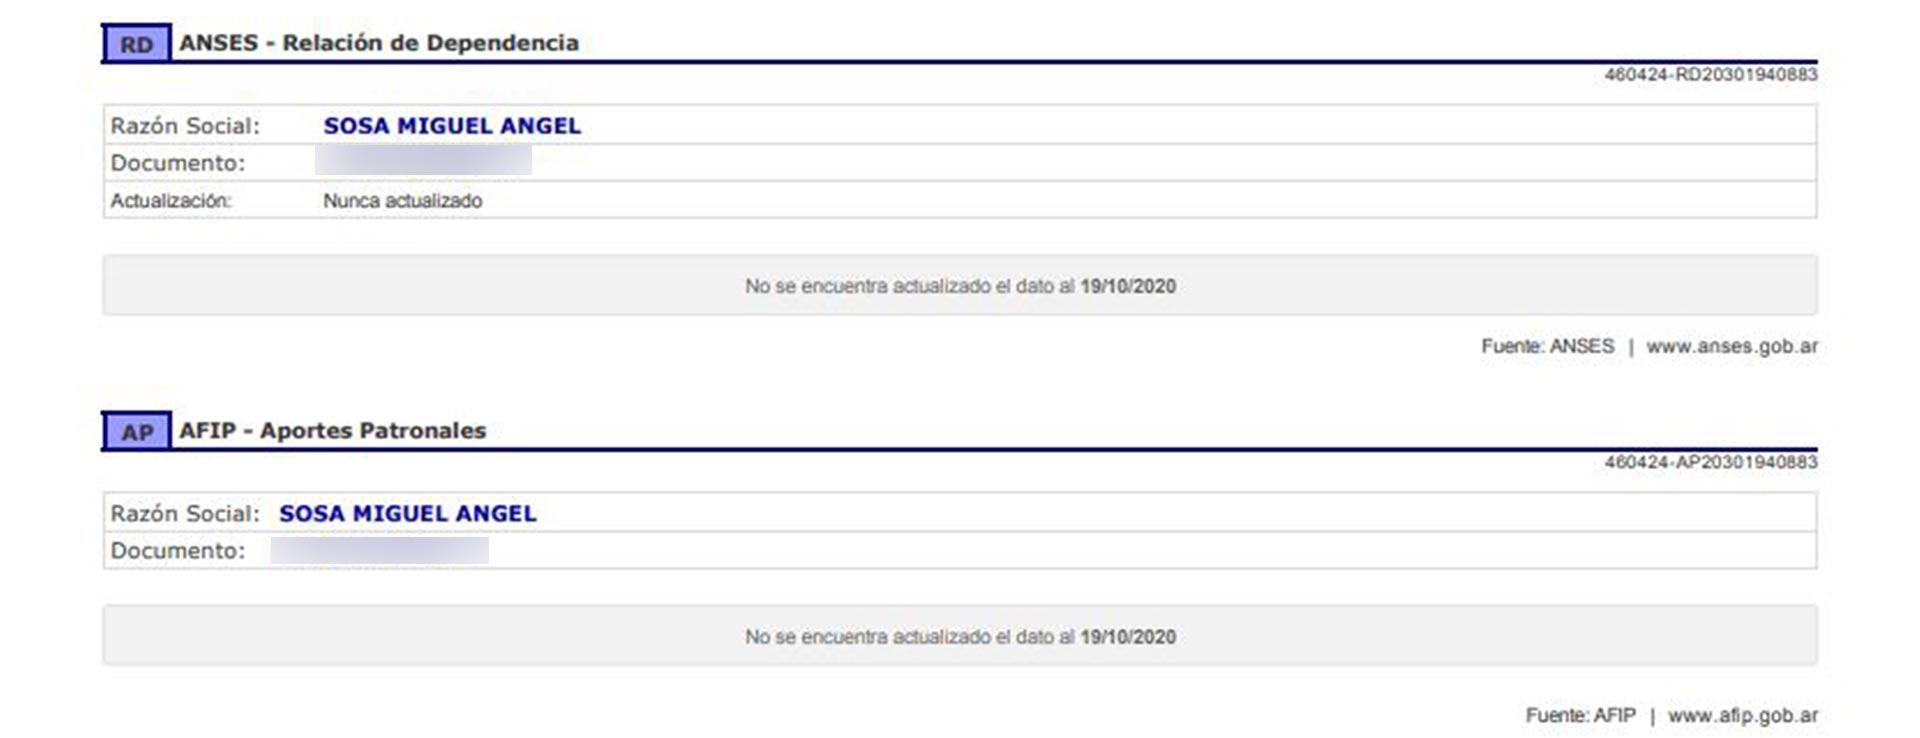 El informe comercial de Miguel Angel Sosa no presenta ningún registro laboral